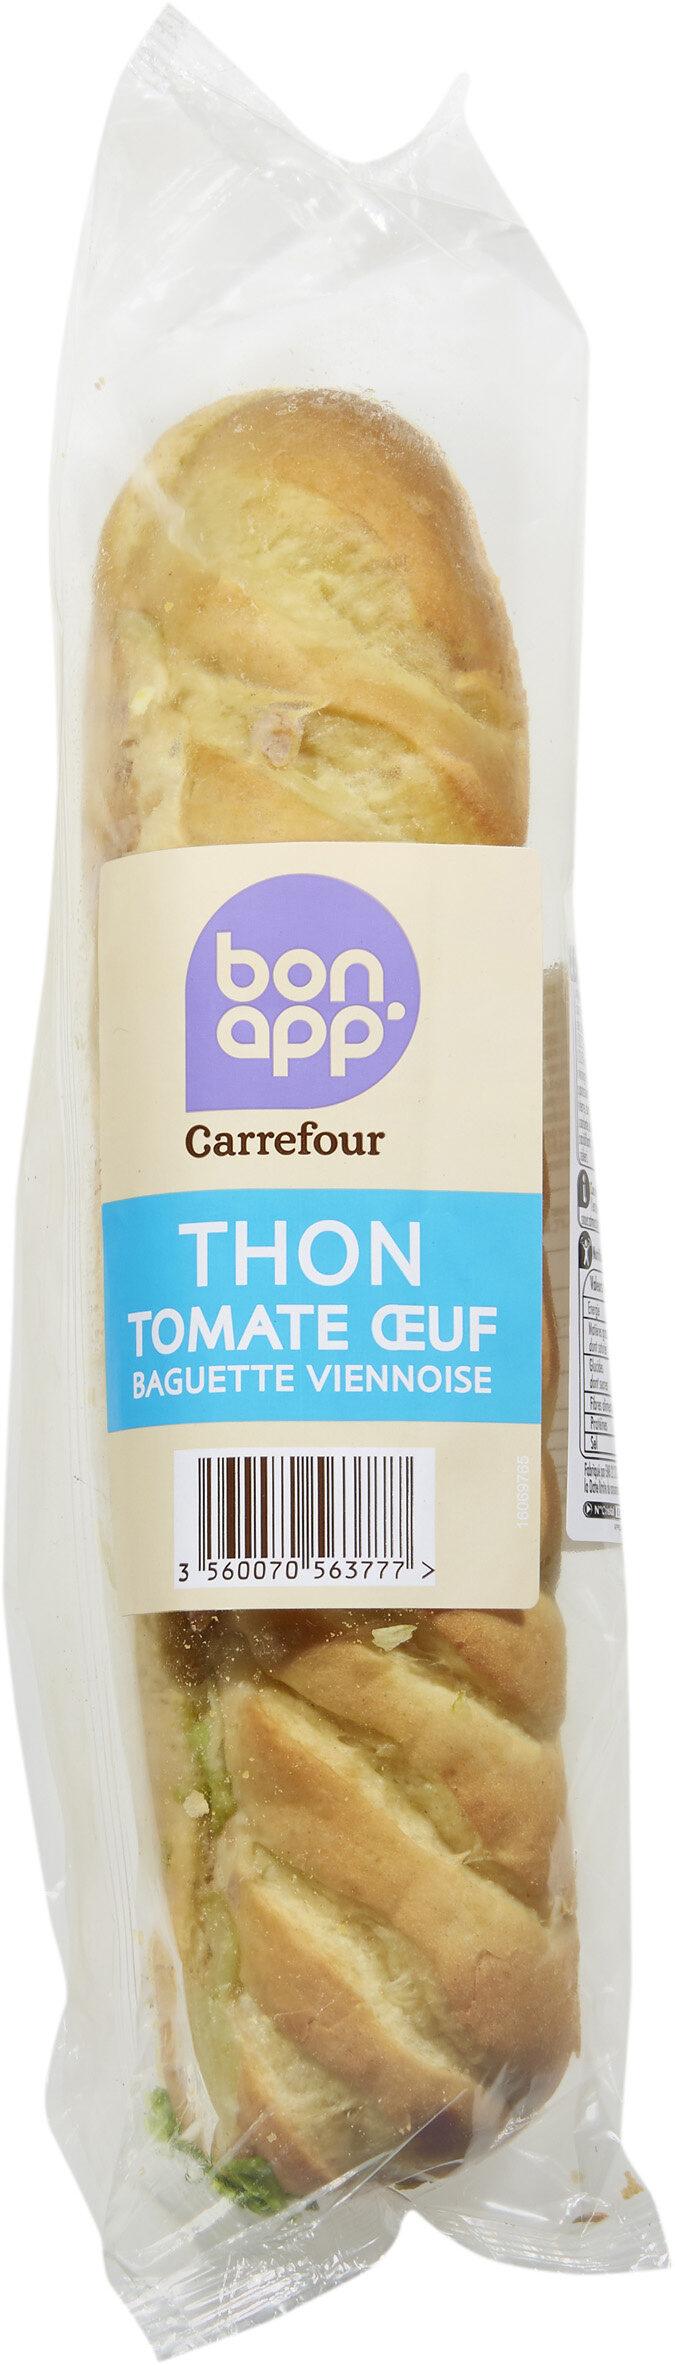 Thon crudités œuf Baguette viennoise - Product